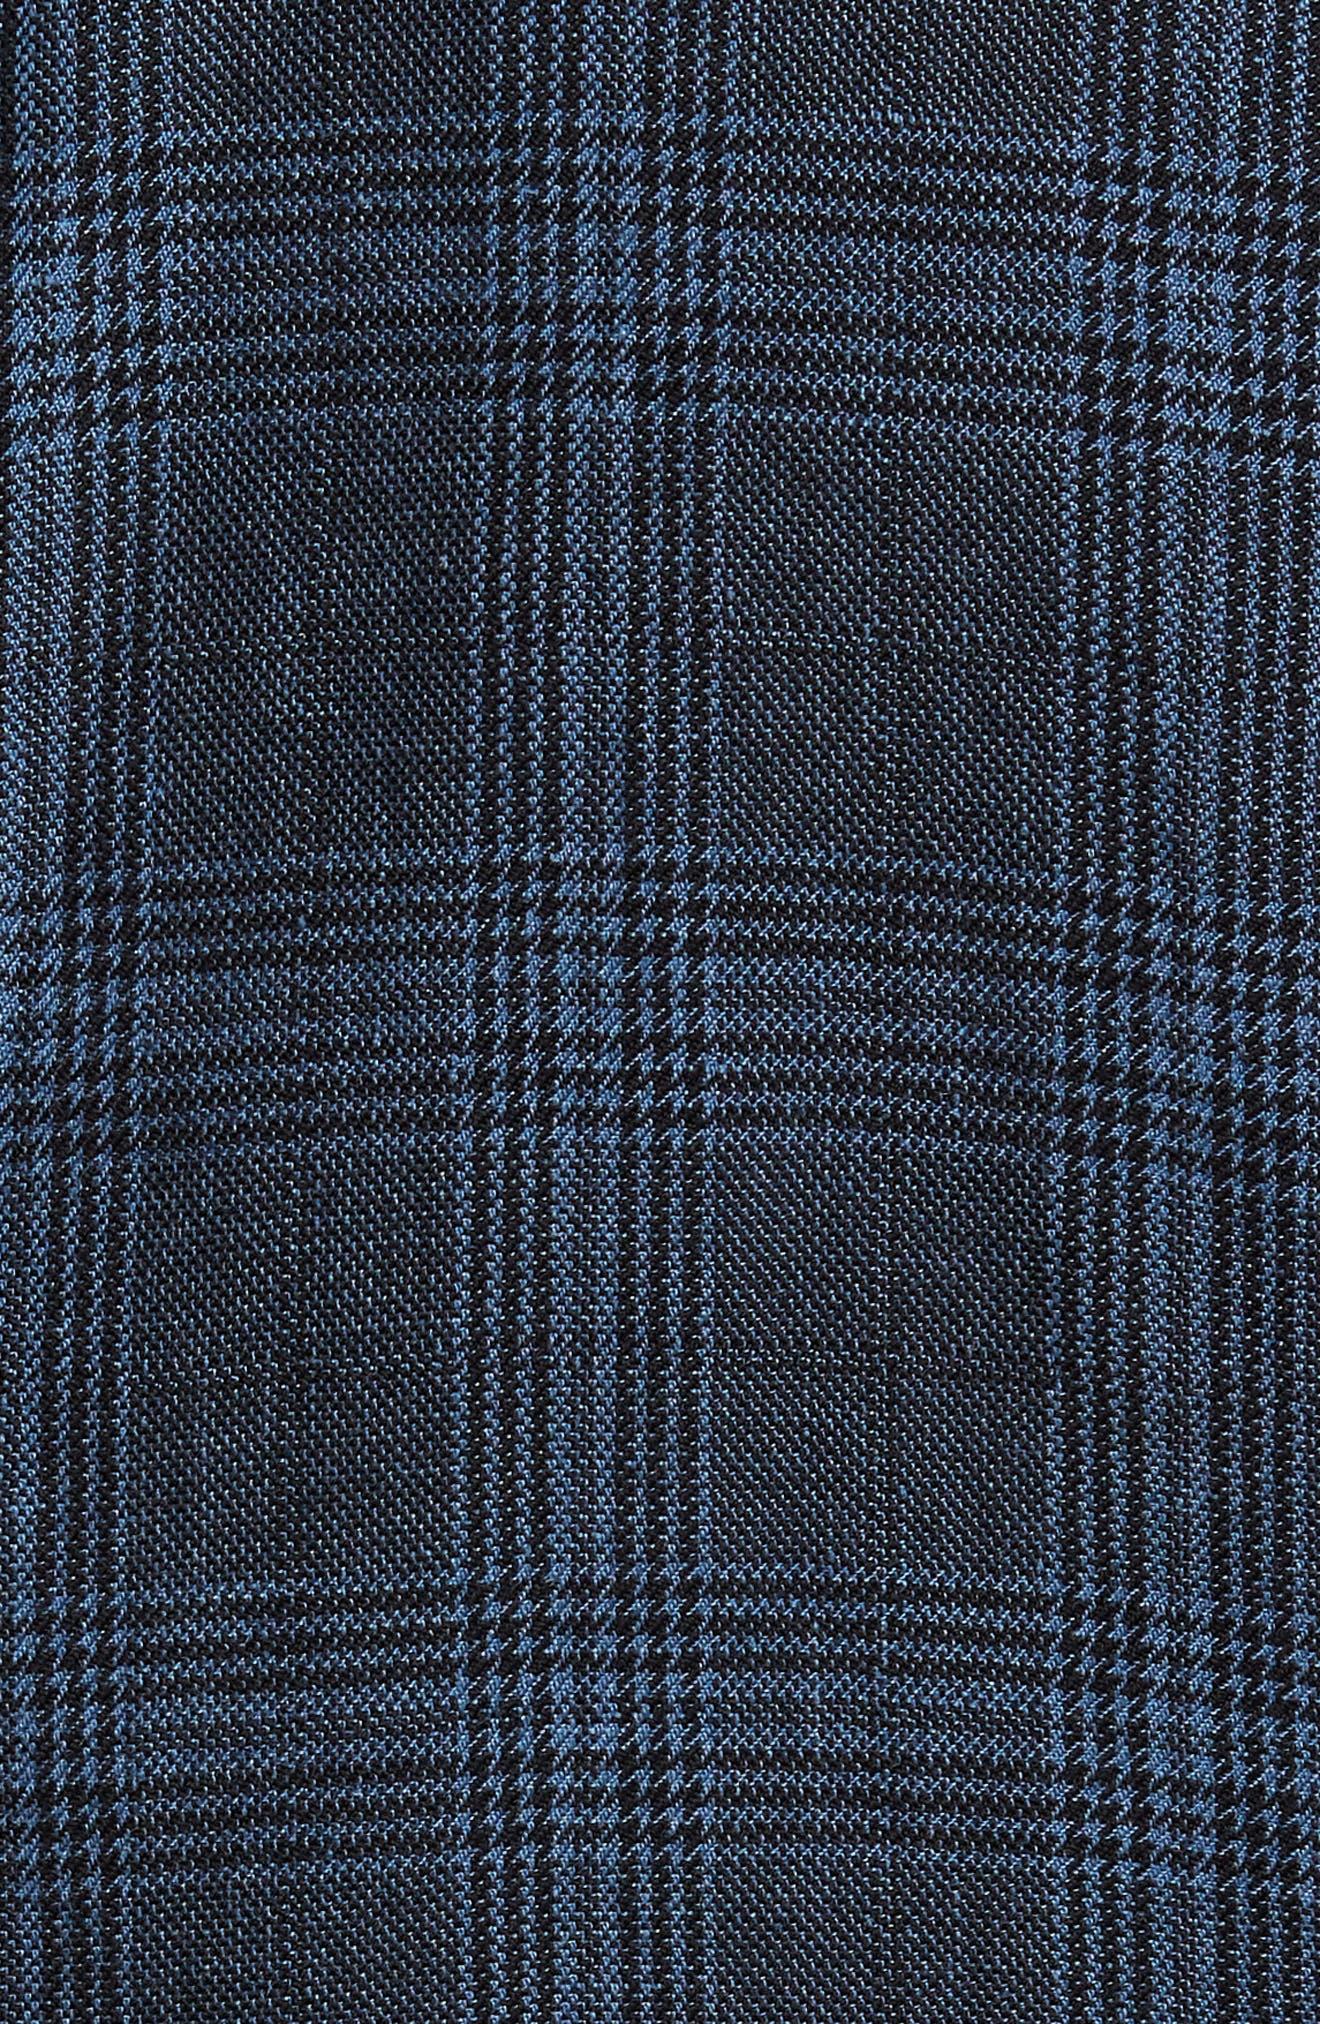 Hanry-D Trim Fit Plaid Linen & Cotton Sport Coat,                             Alternate thumbnail 6, color,                             BLUE